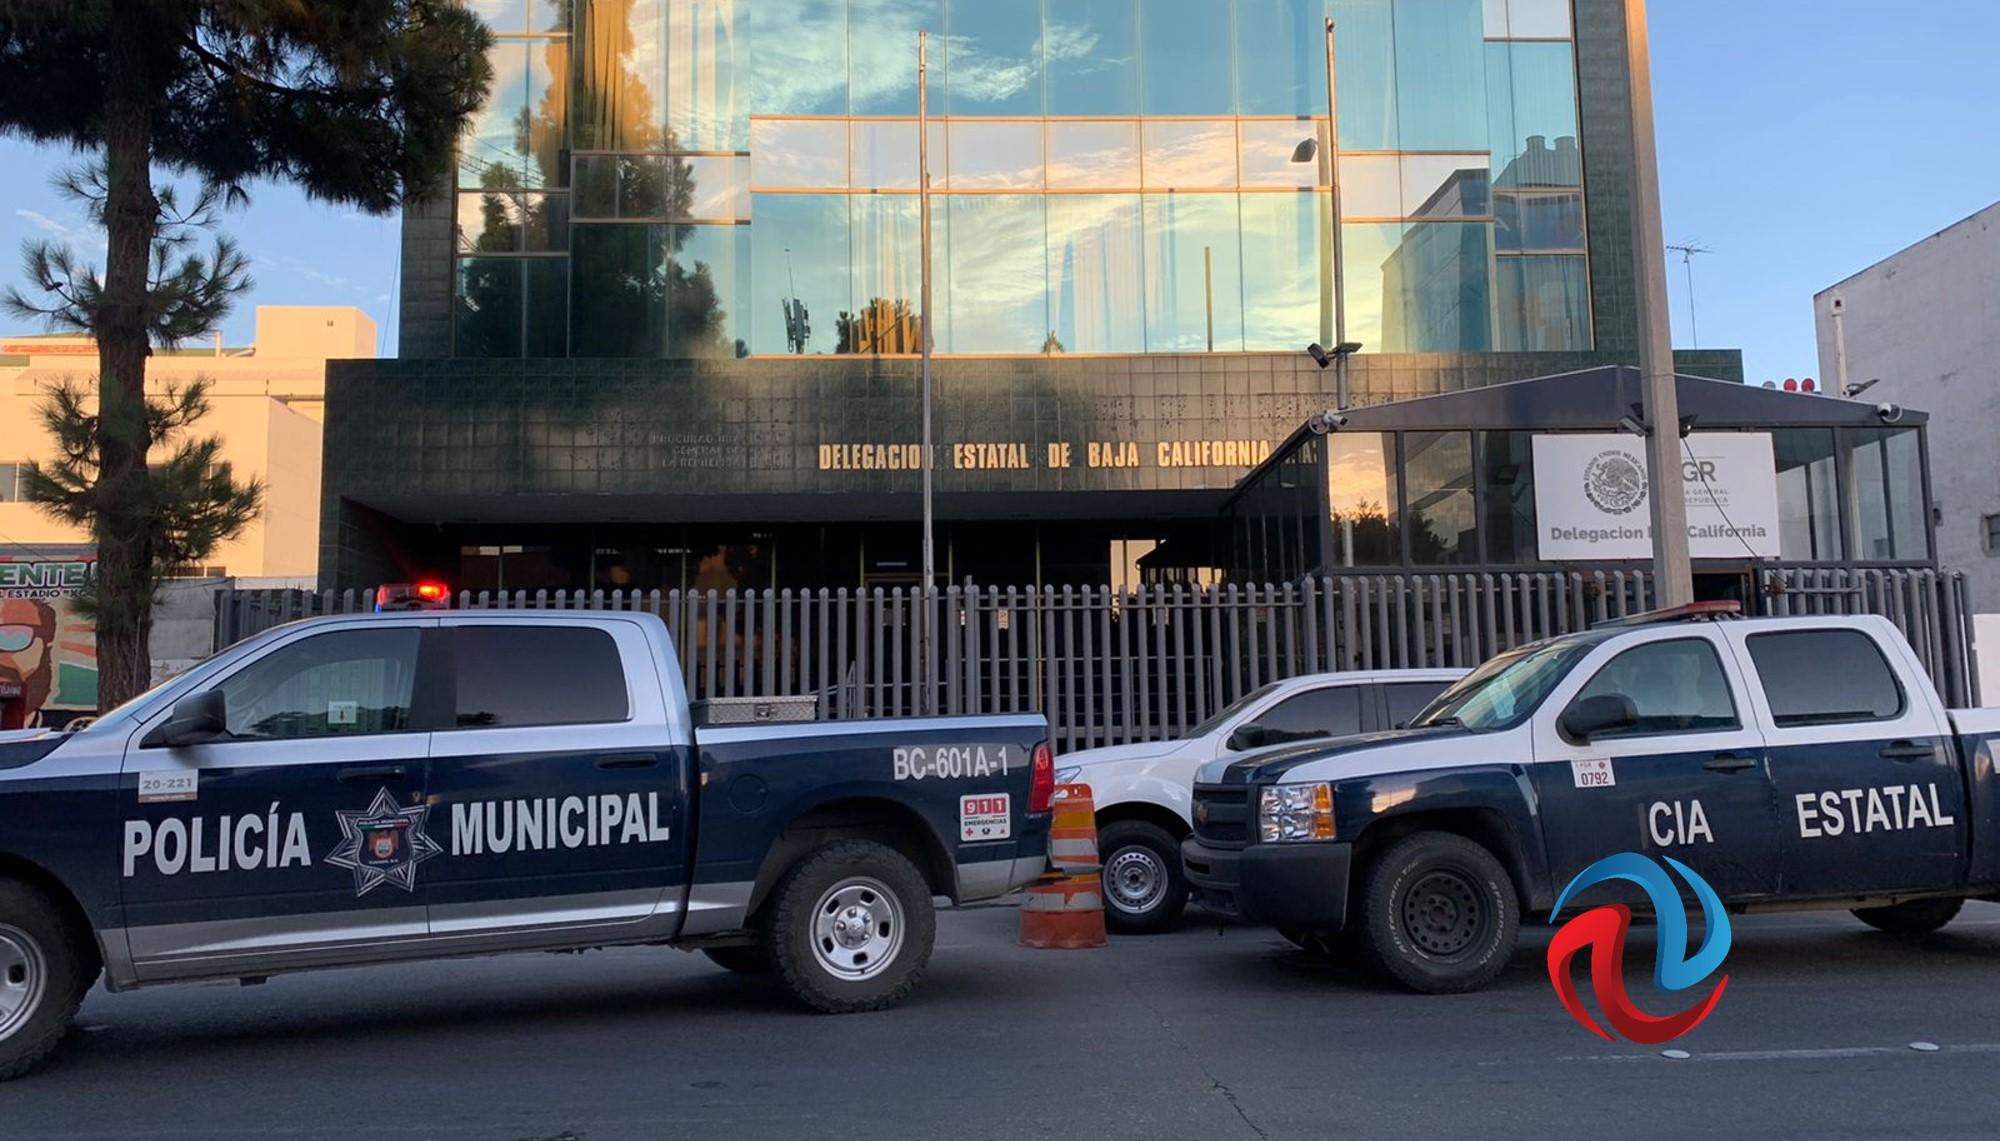 Fuerte decomiso en Tijuana; hay 6 detenidos